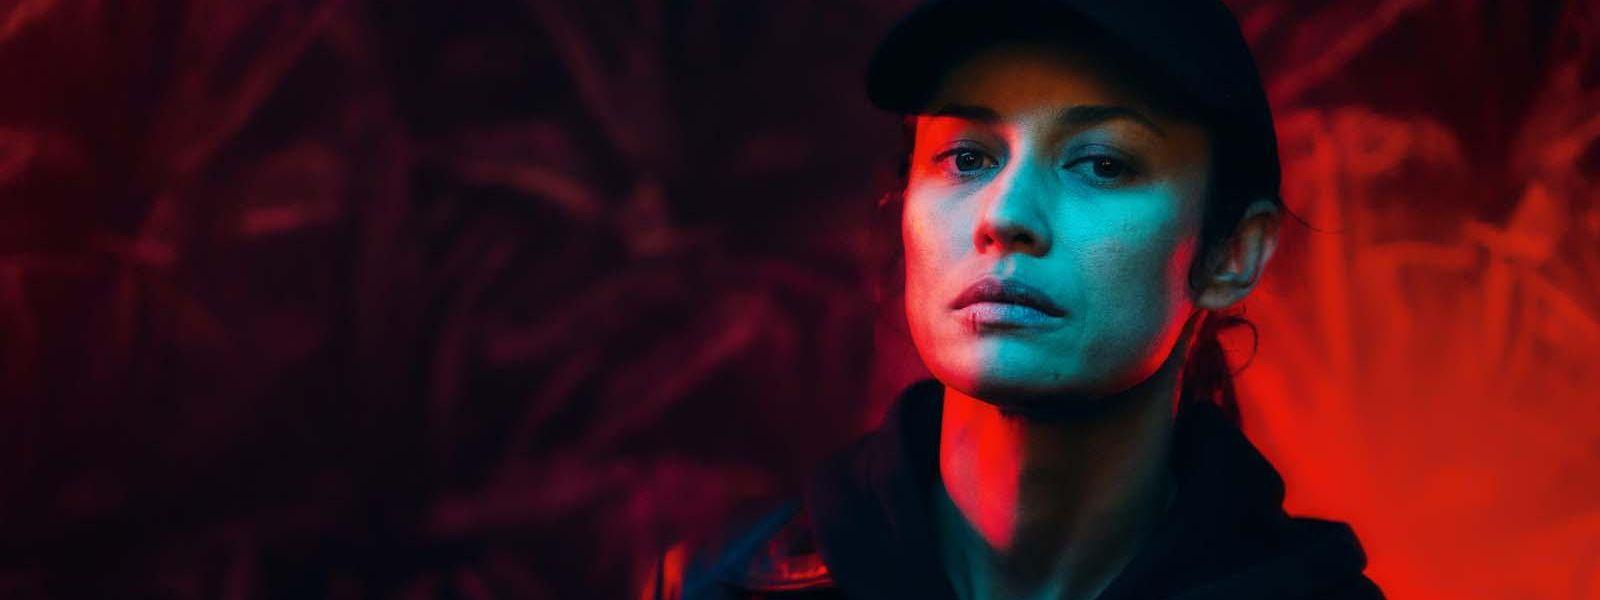 Die Elitesoldatin Klara (Olga Kurylenko) kämpft mit ihren inneren Dämonen, die sie seit einem Syrien-Einsatz quälen, und gegen die Vergewaltiger ihrer Schwester.